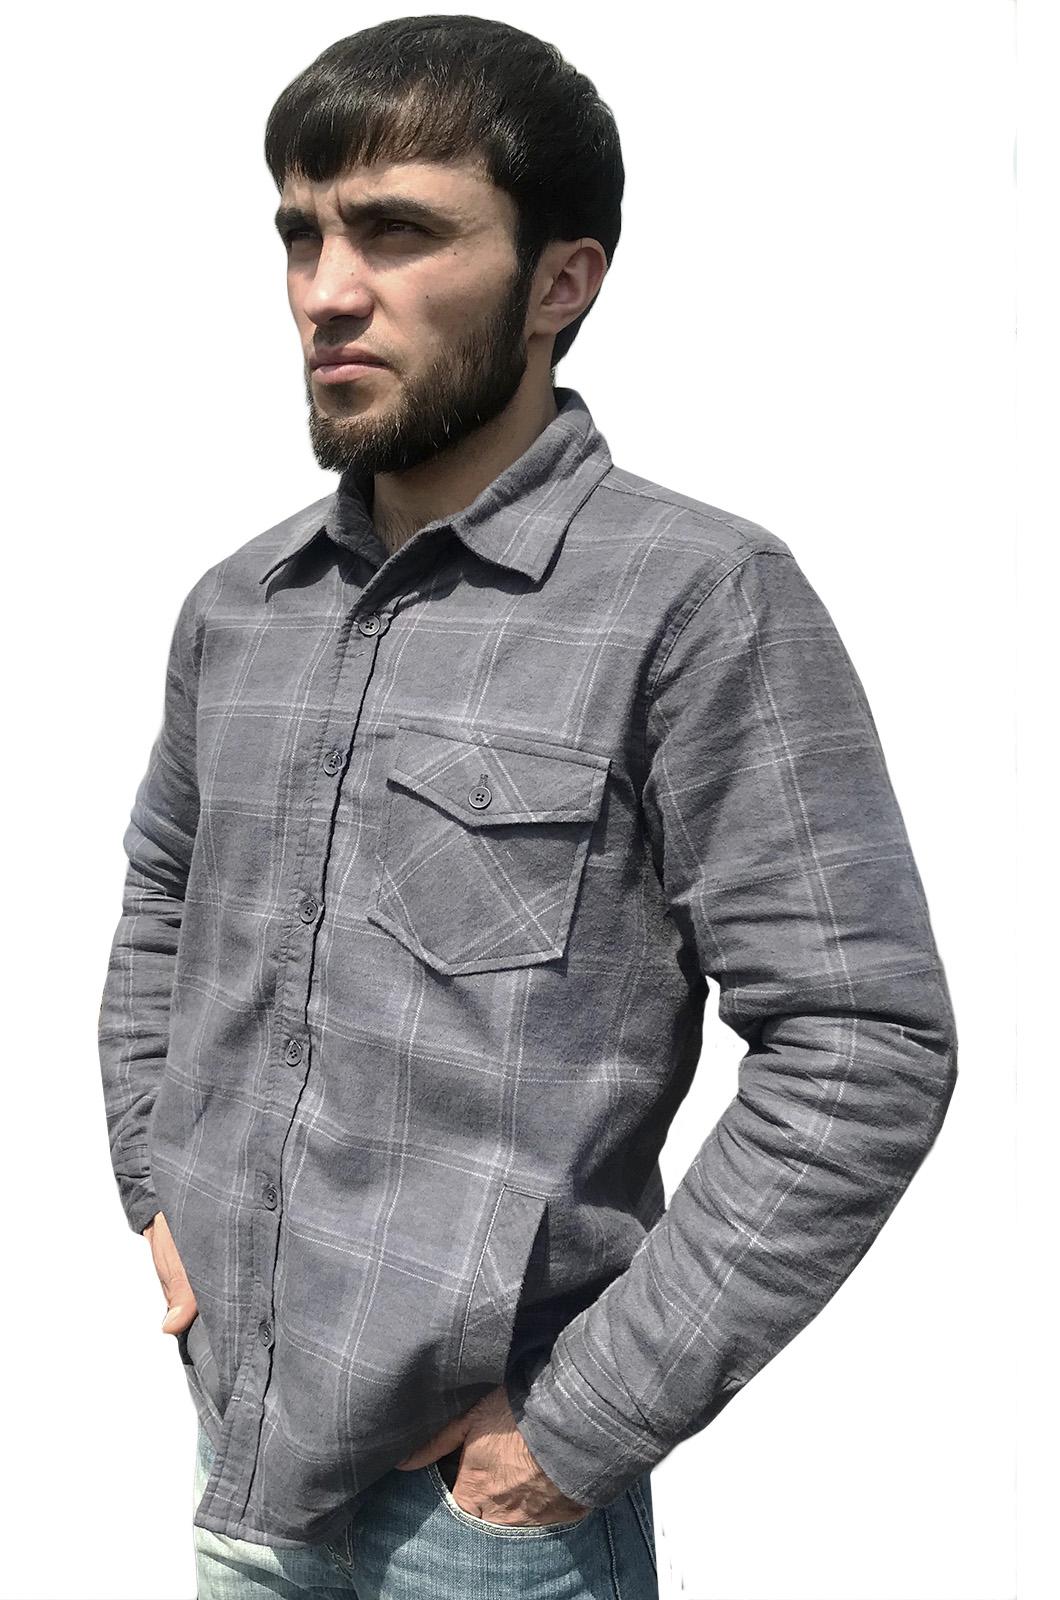 Серая рубашка с вышитым шевроном  Артиллерия России - заказать выгодно